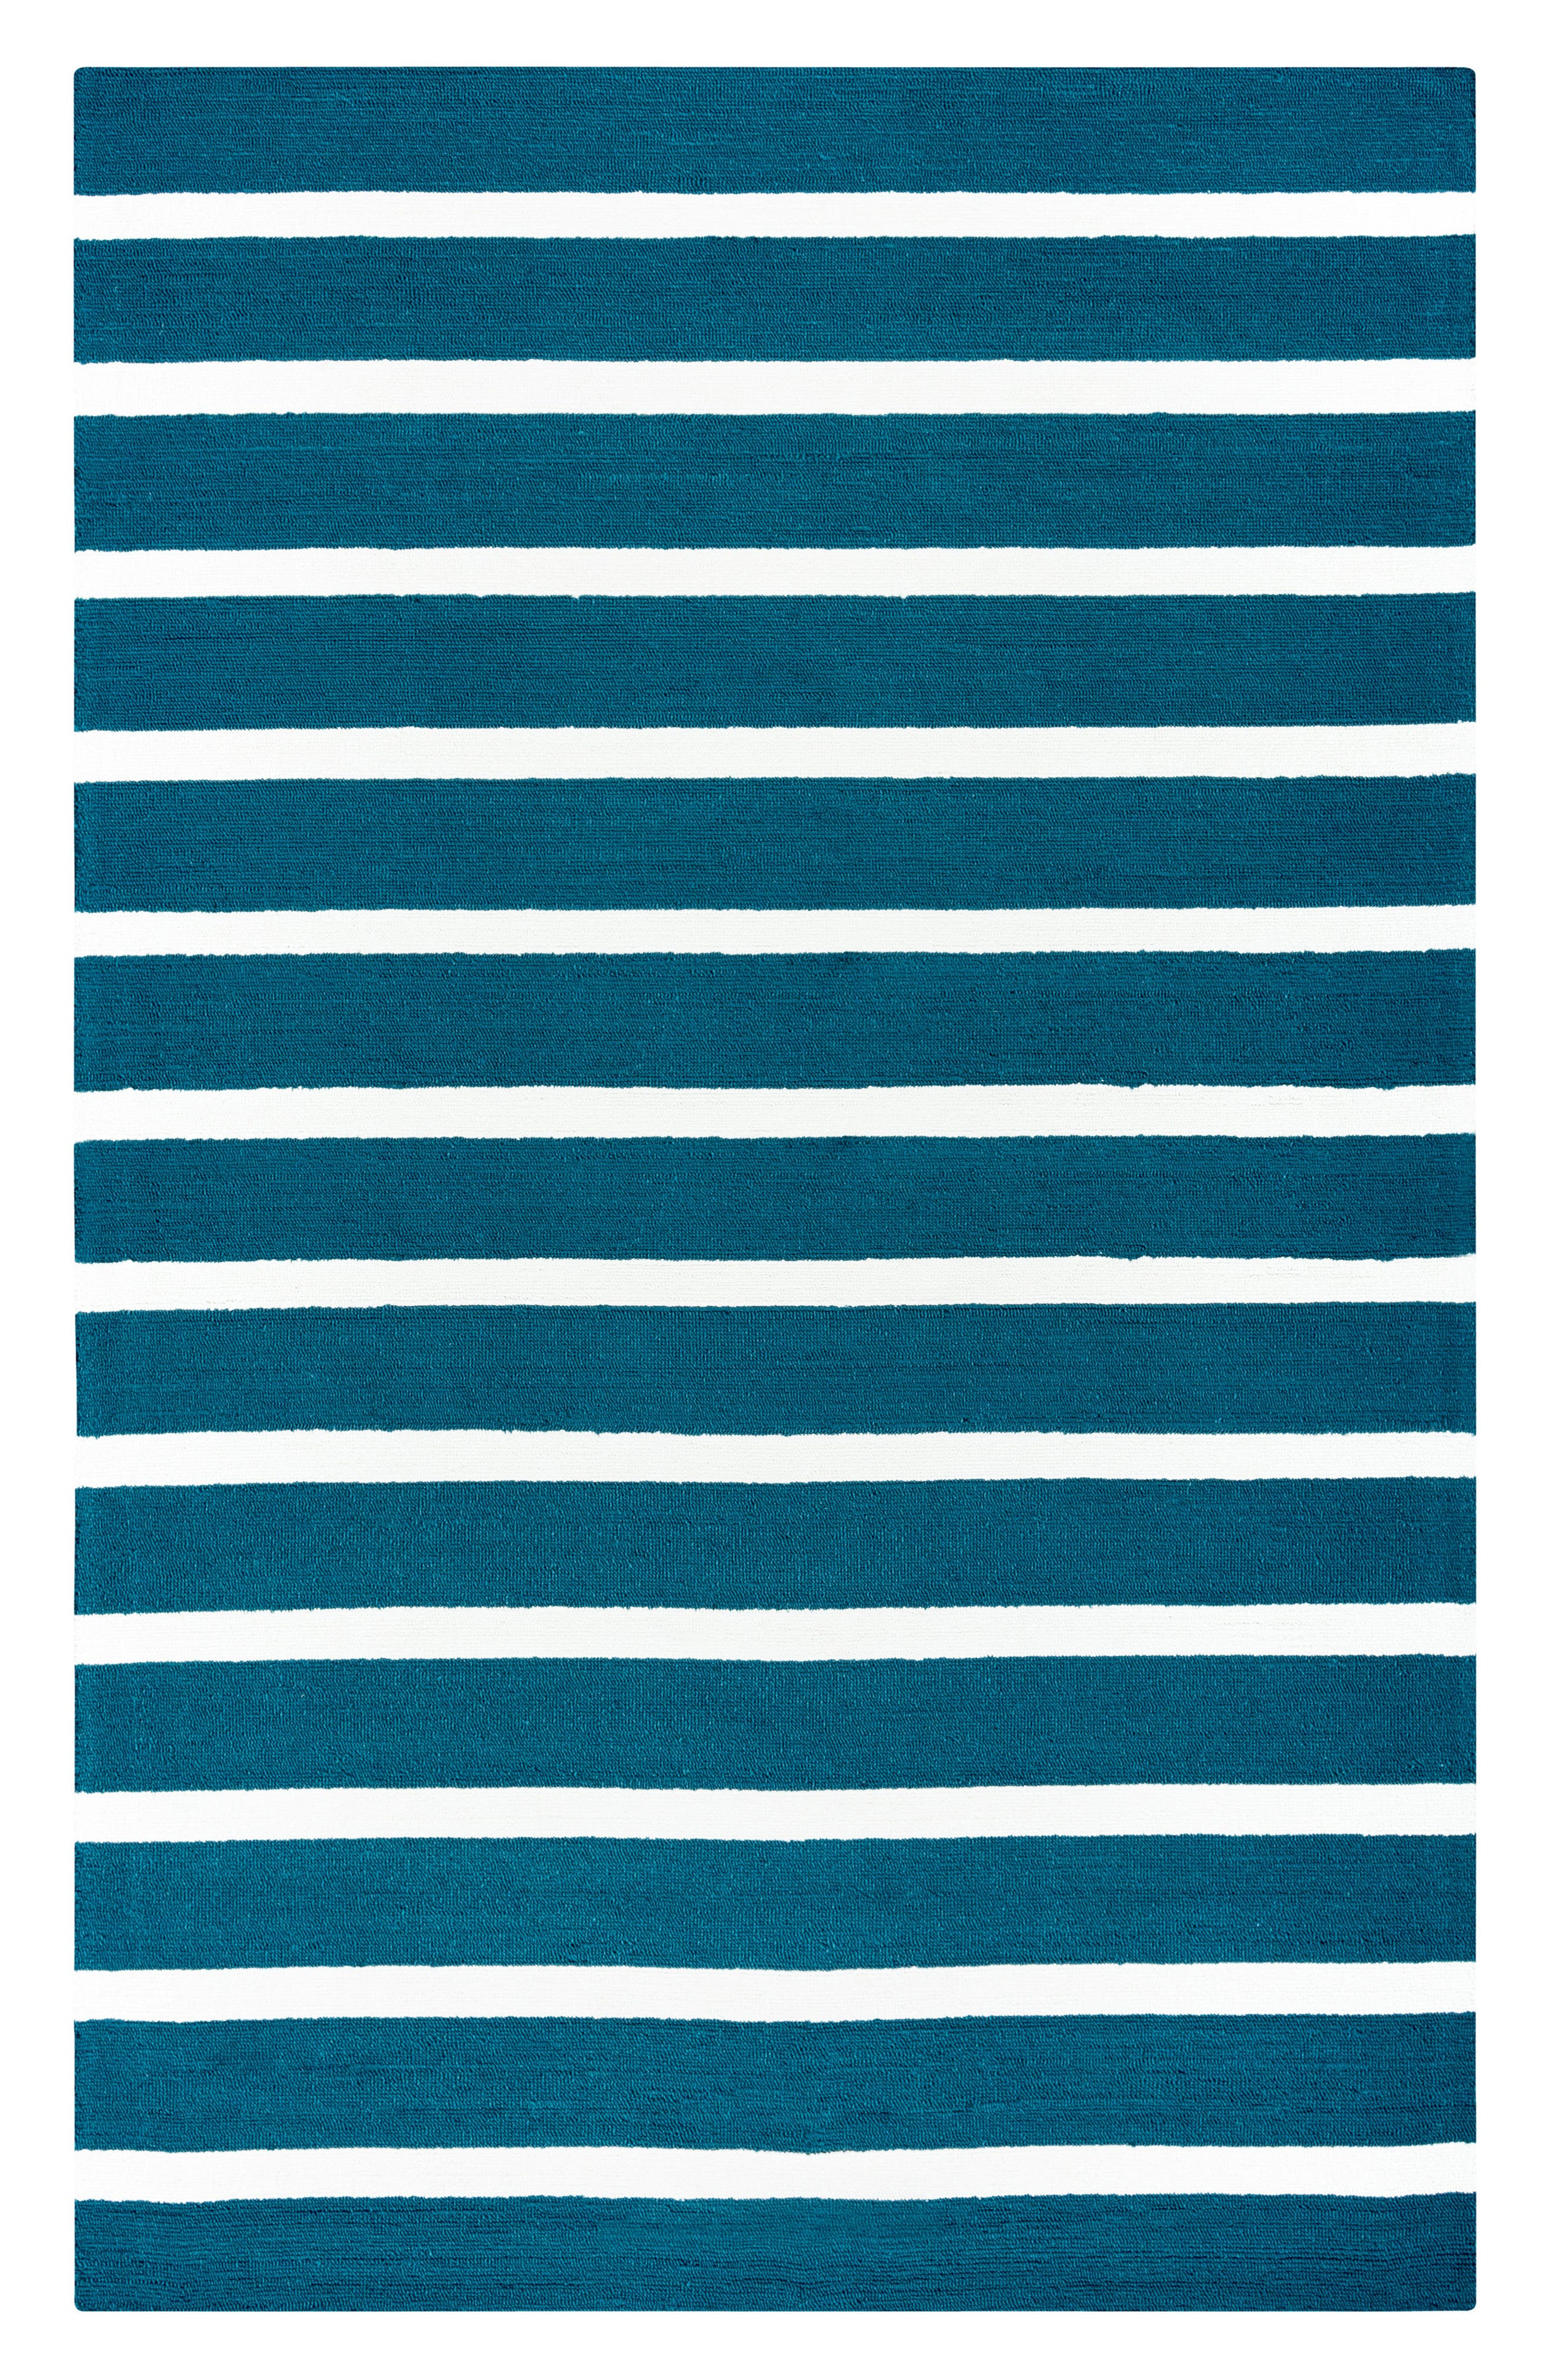 Azzura Hill Hana Rug,                             Main thumbnail 1, color,                             Marine Blue